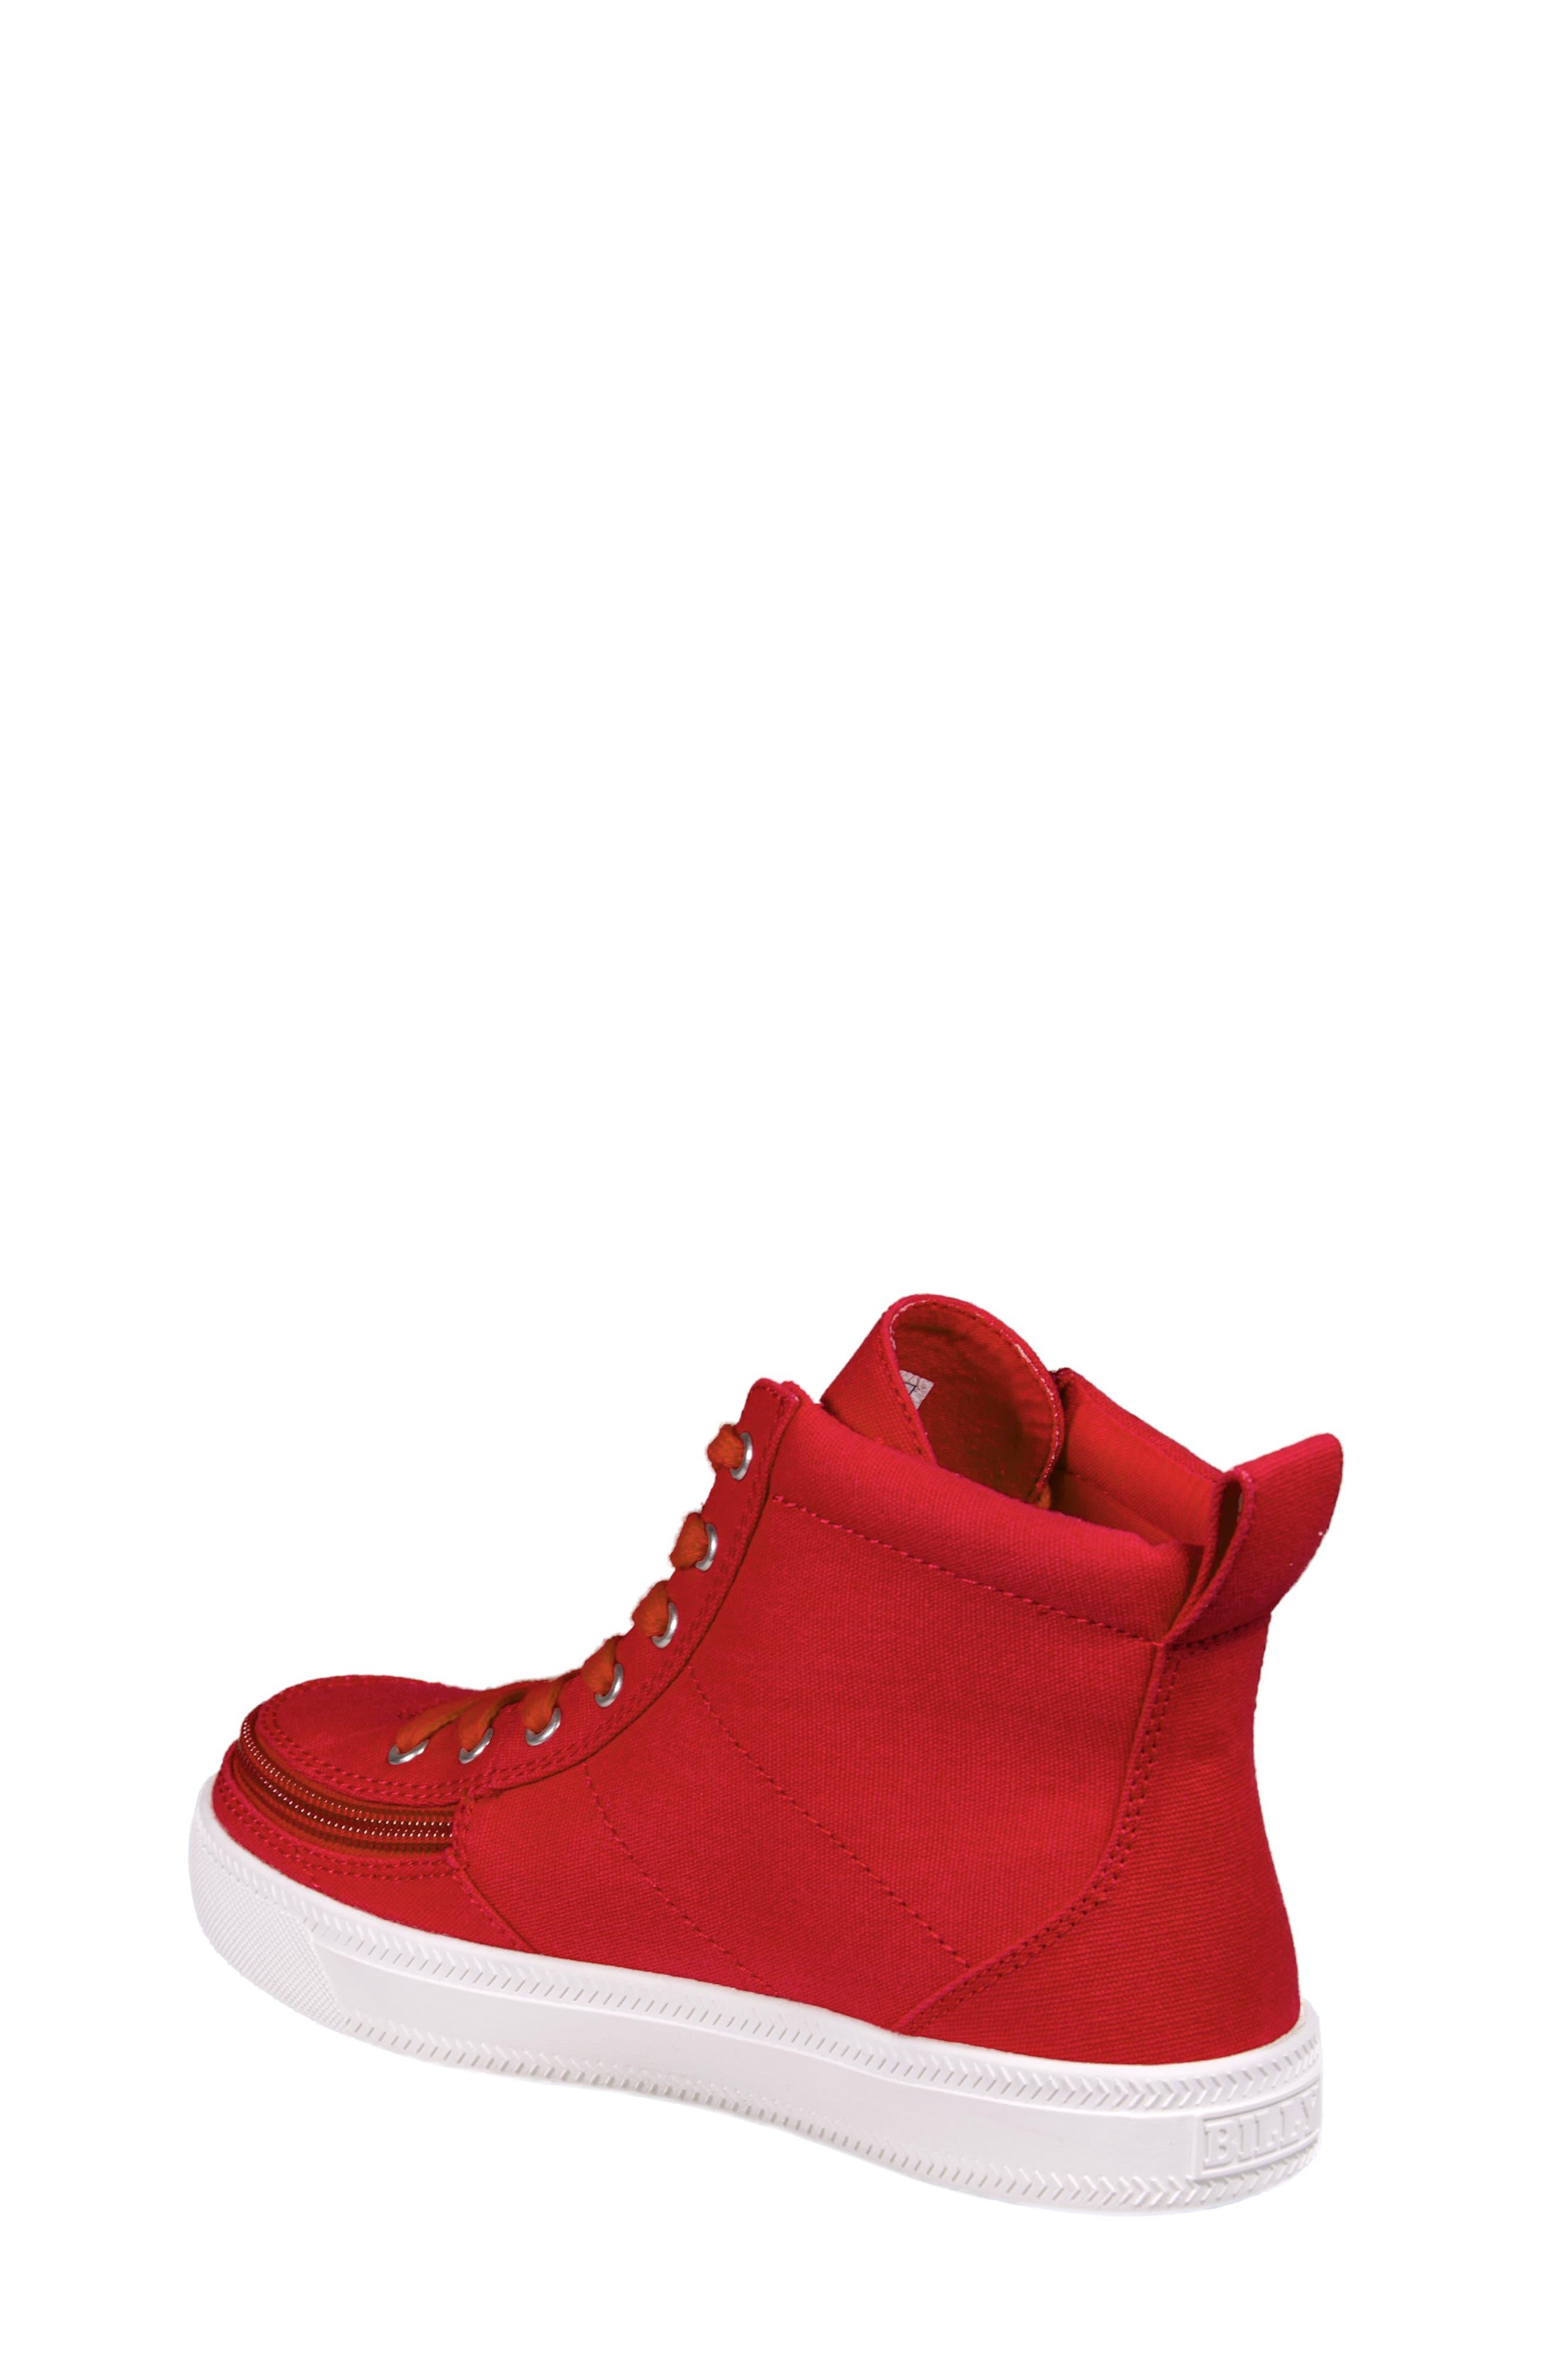 Alternate Image 2  - BILLY Footwear Zip Around High Top Sneaker (Toddler, Little Kid & Big Kid)